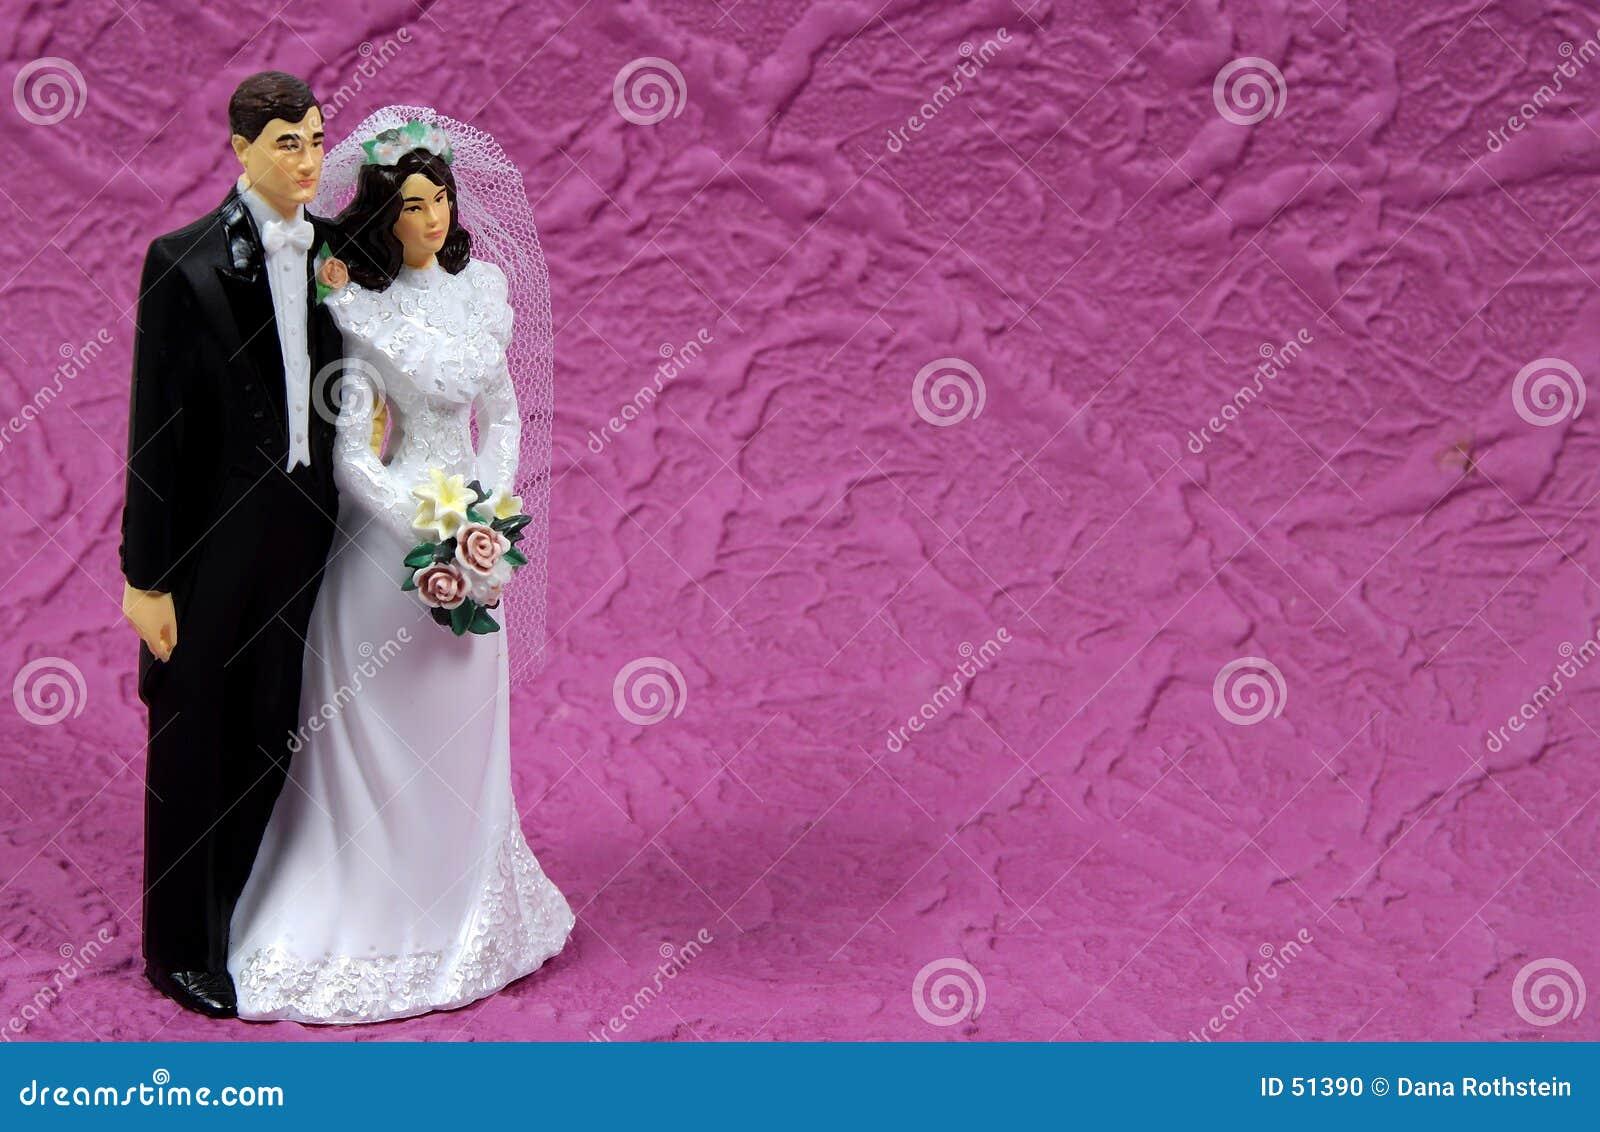 2件装饰品婚礼